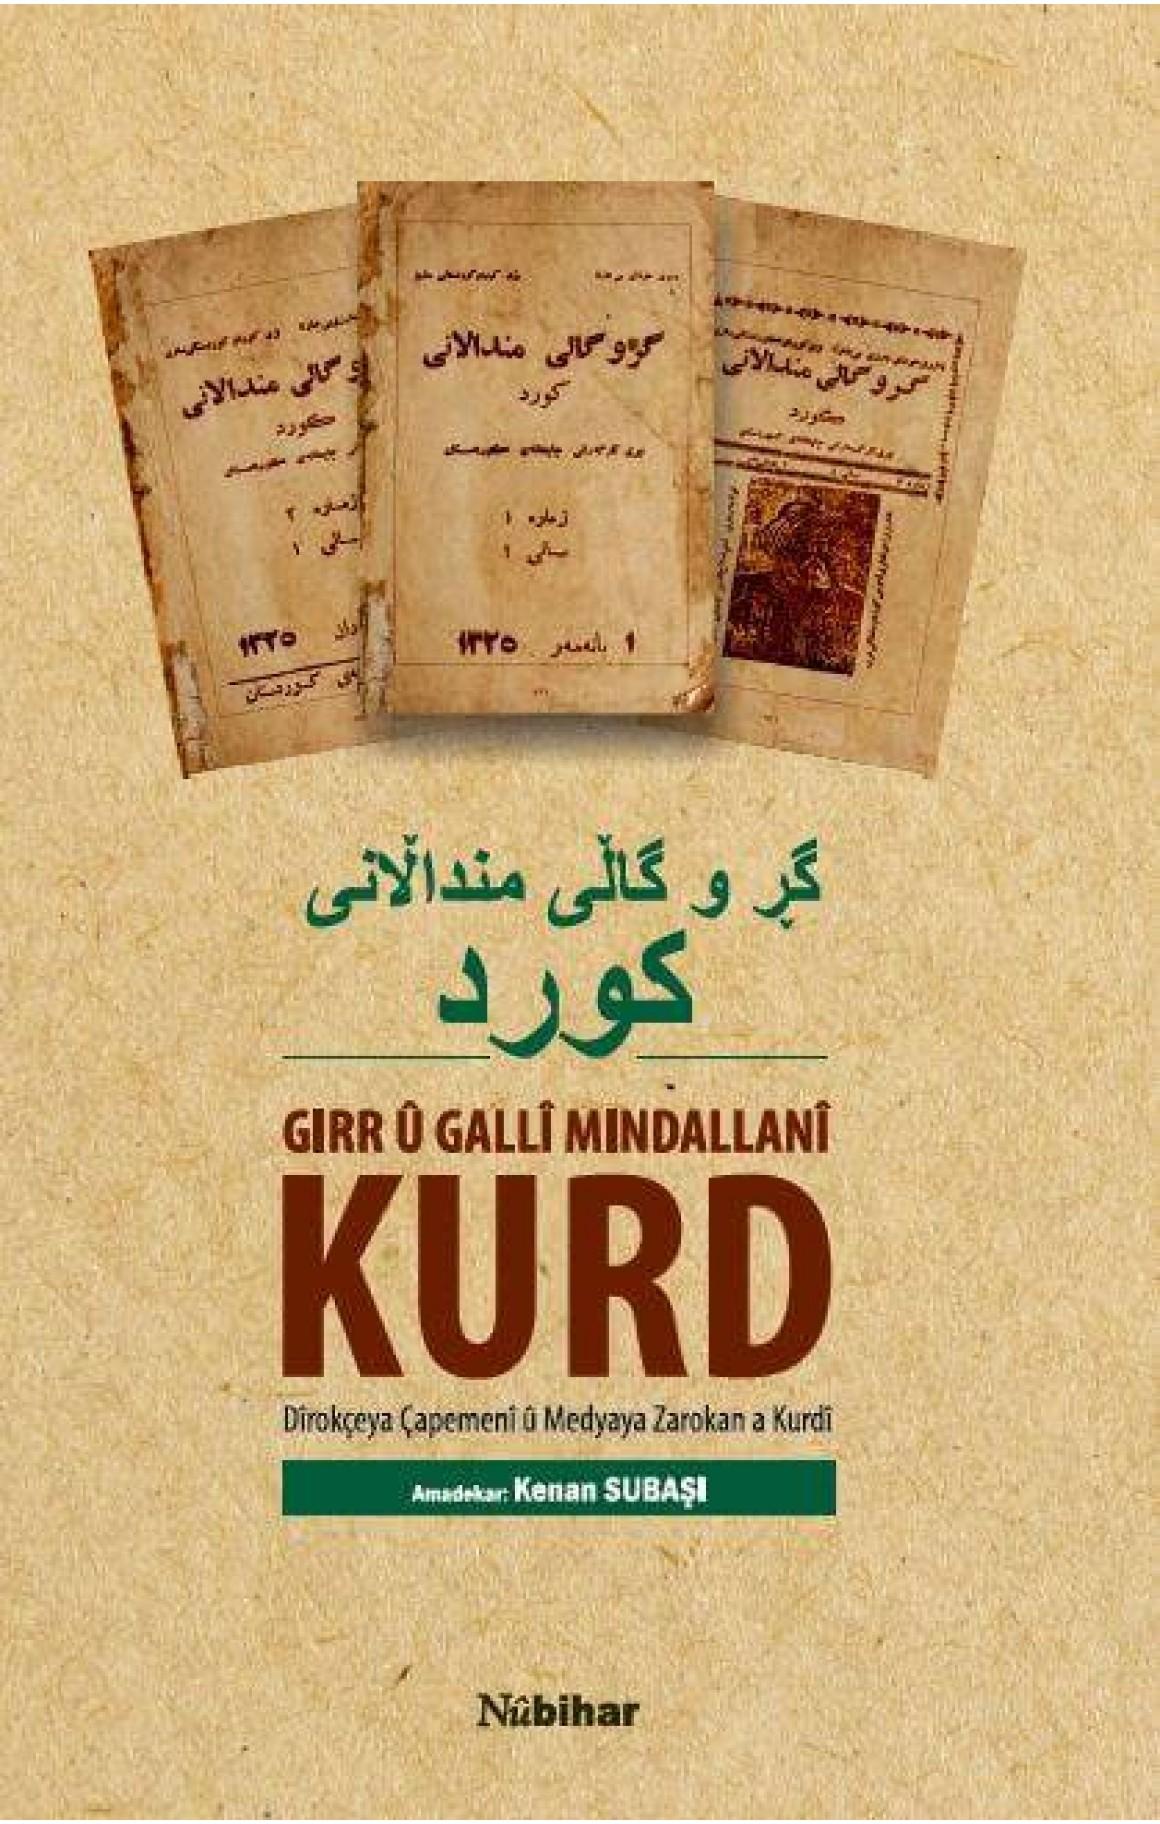 GIRR Û GALLÎ MINDALLANÎ KURD - Dîrokçeya Çapemenî û Medyaya Zarokan a Kurdî